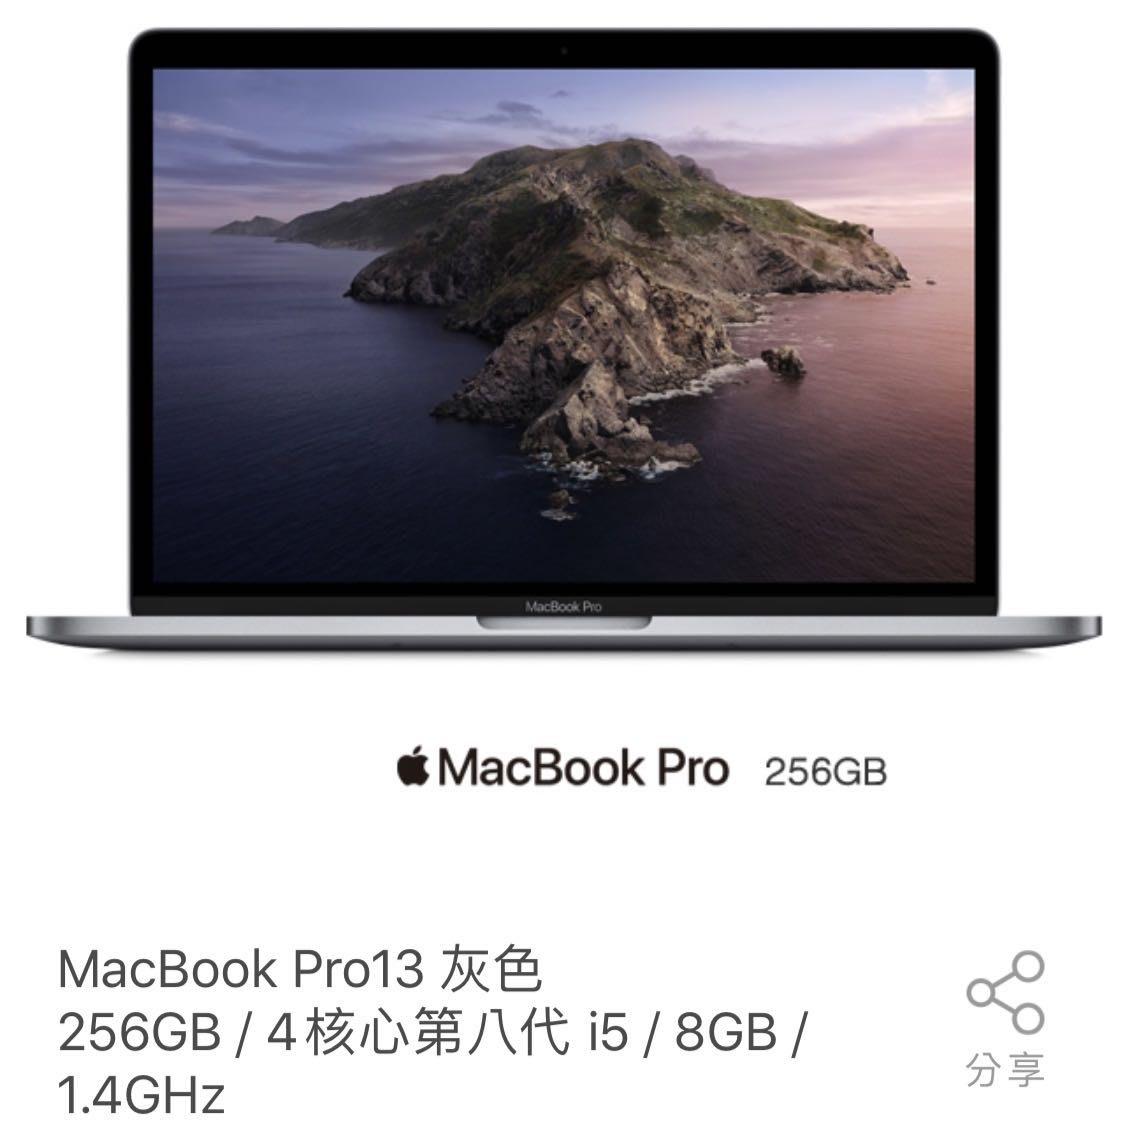 APPLE MACBOOK PRO 256GB 雙核心i5處理器、記憶體8GB